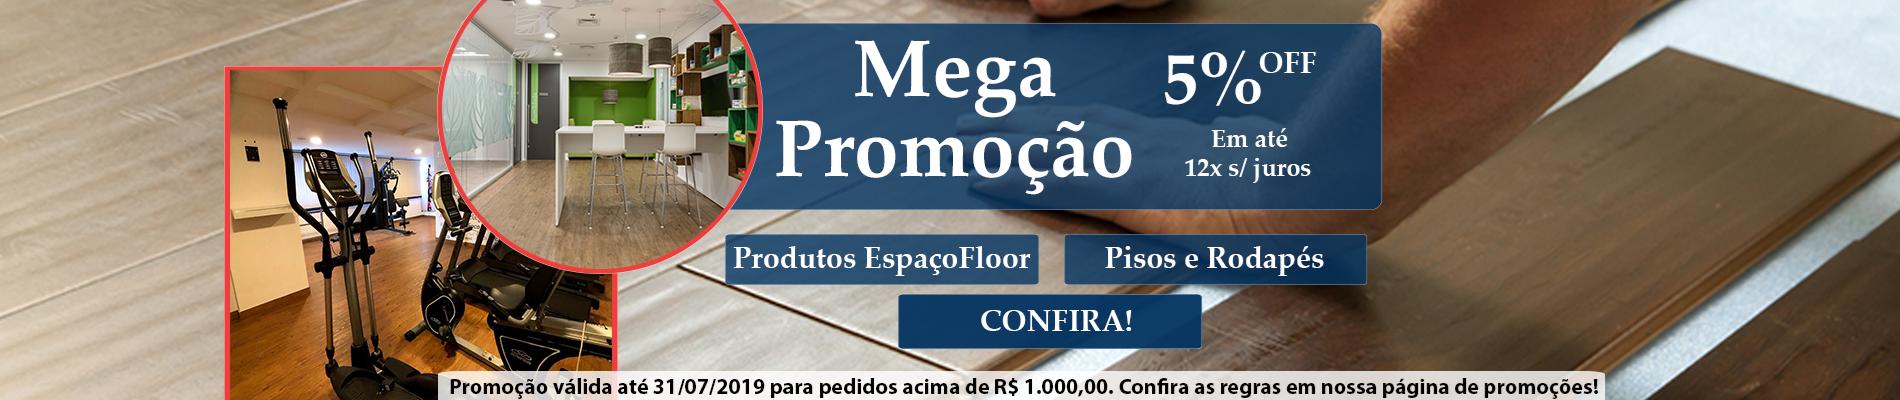 EspaçoFloor - Promoção